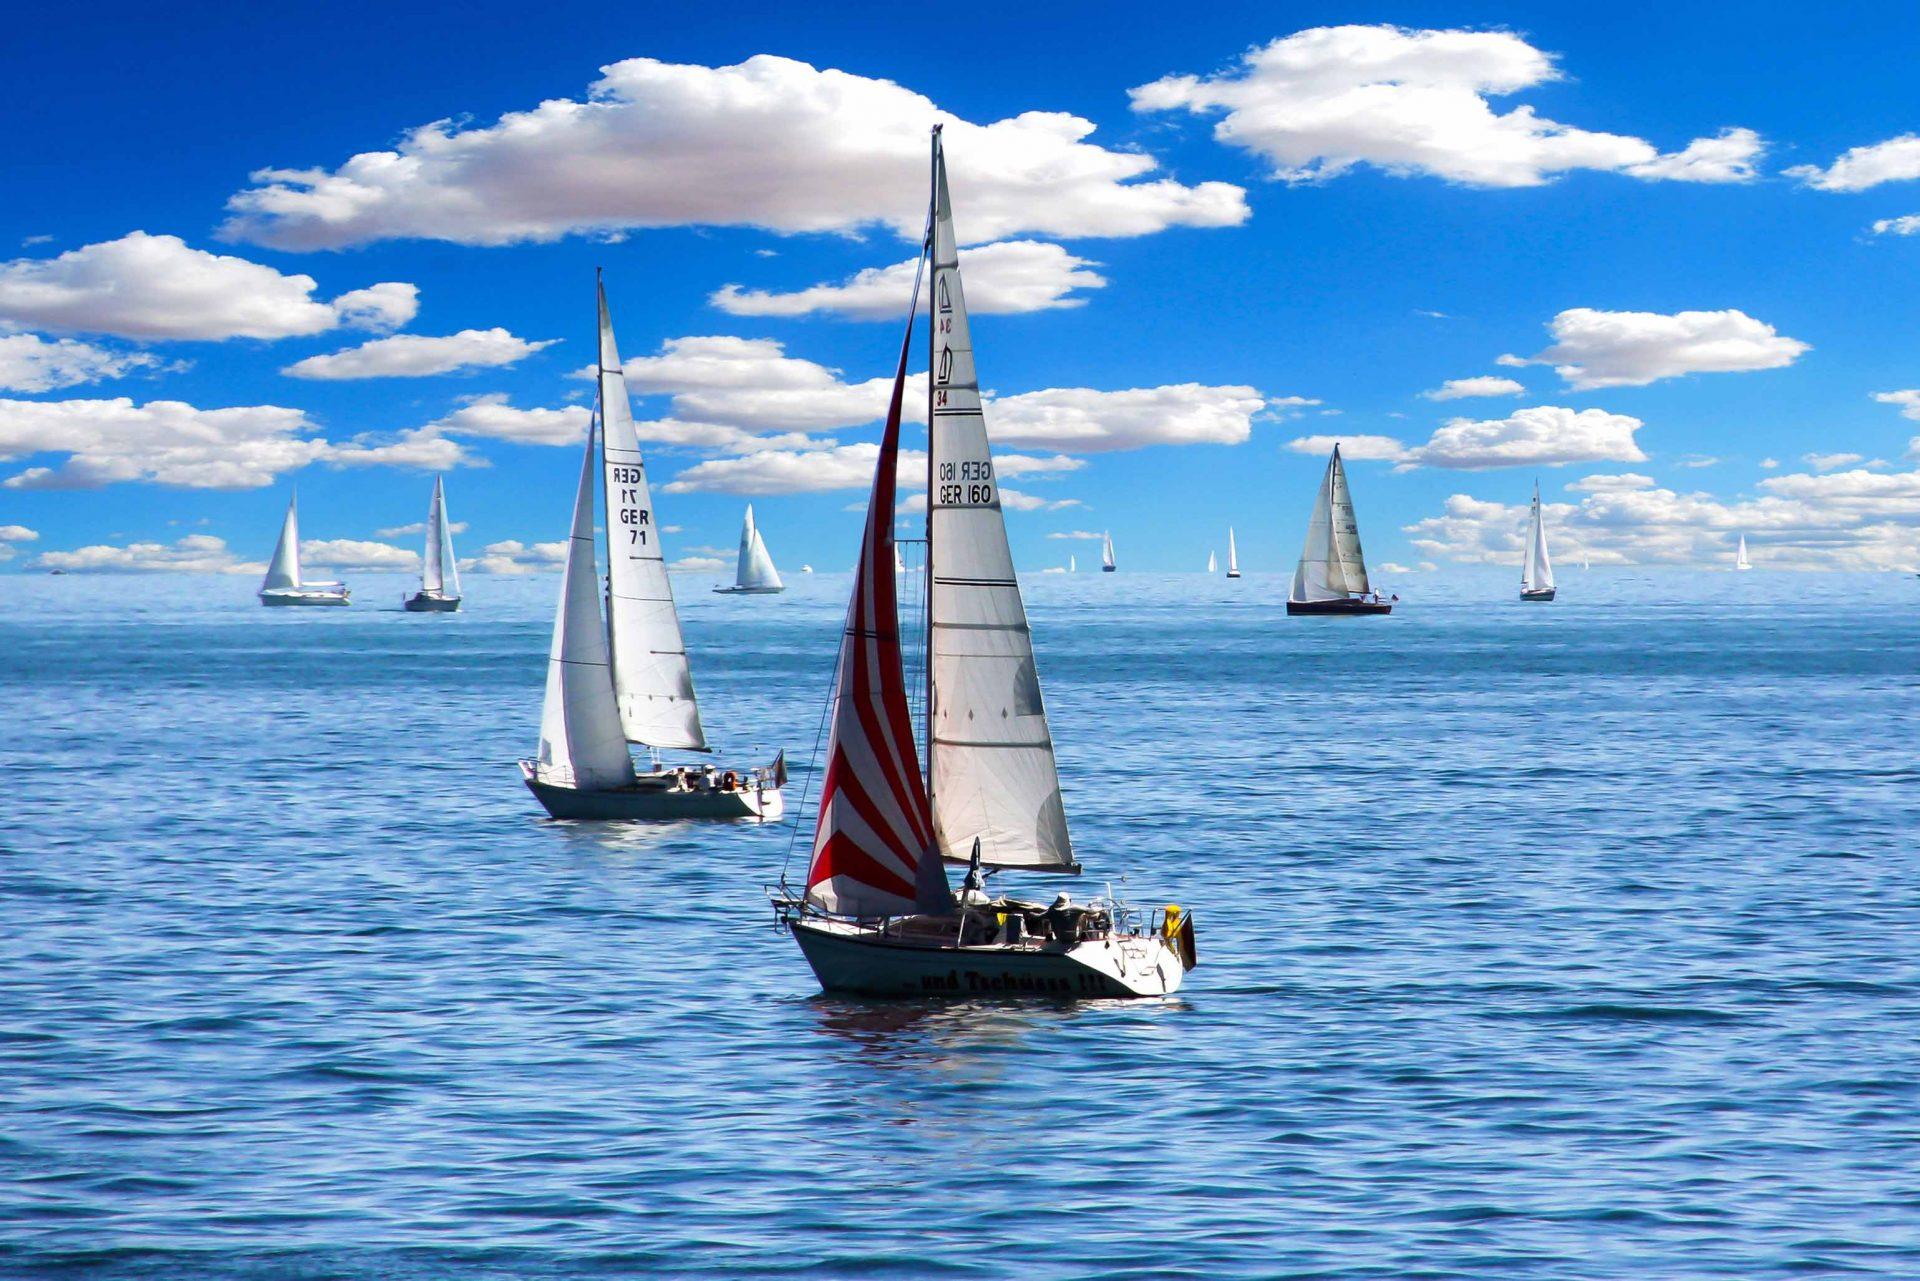 Consigli utili per chi viaggia in barca